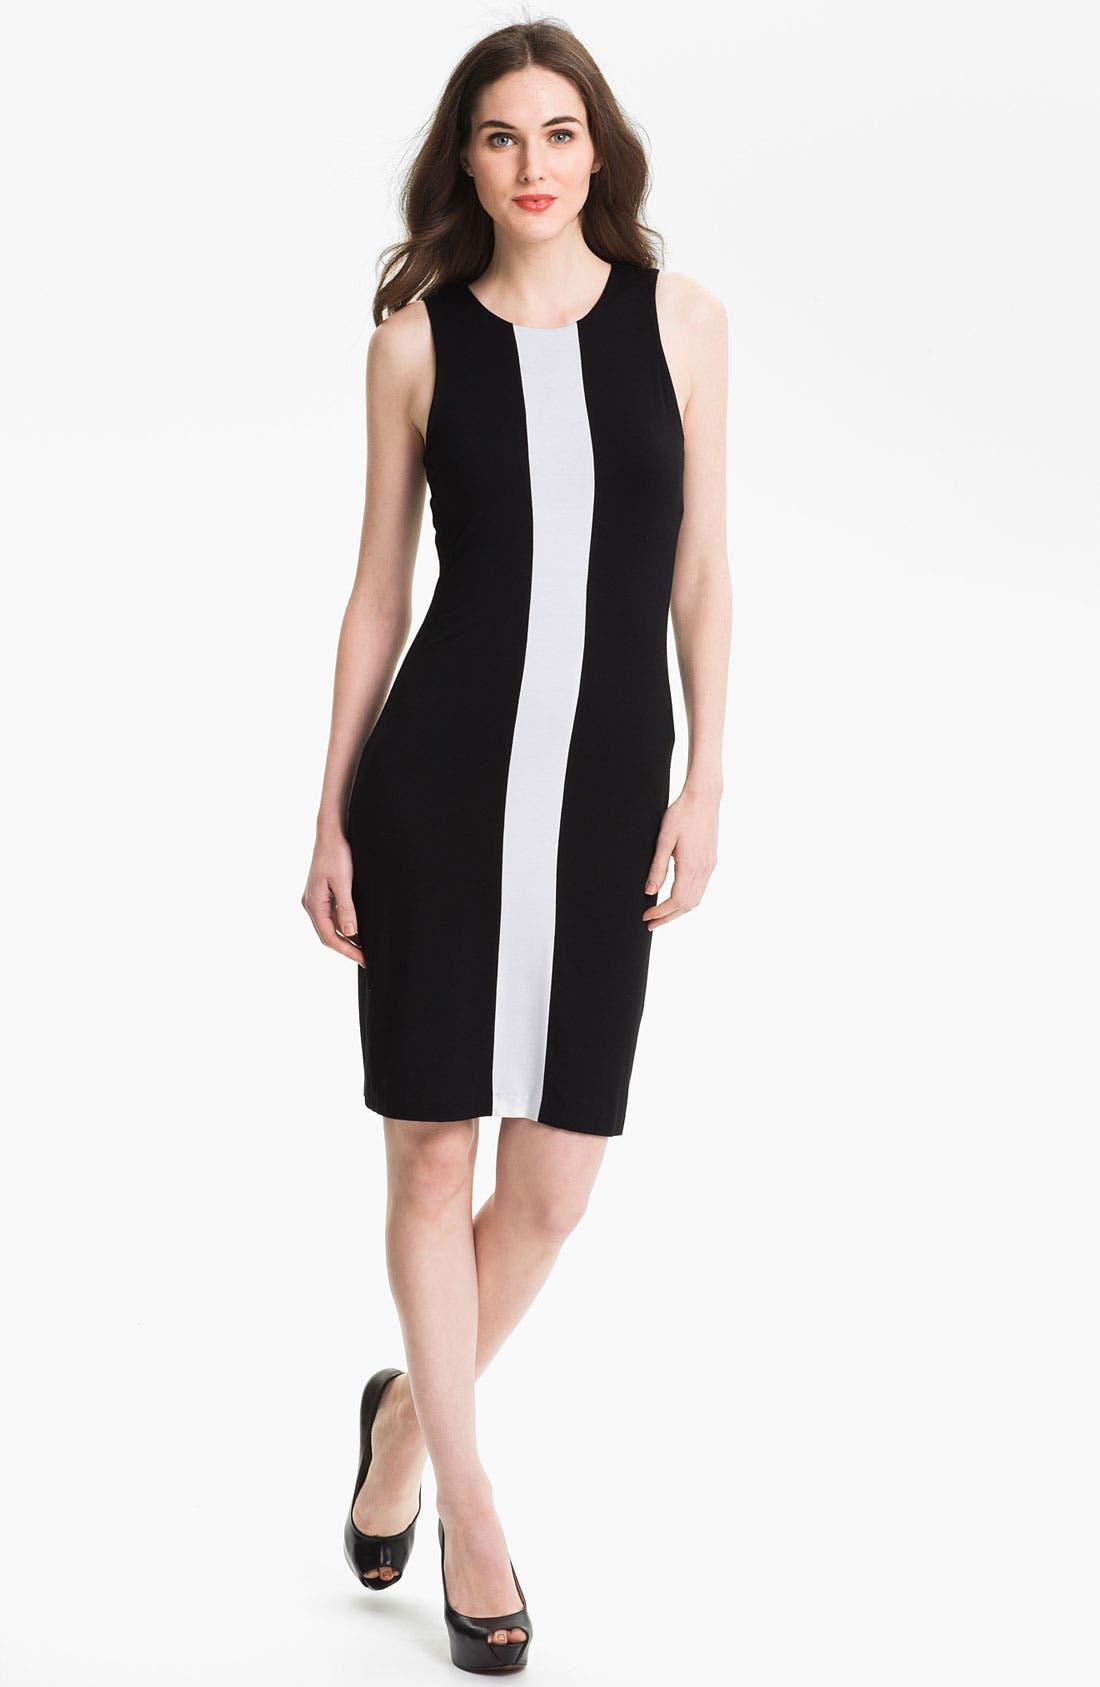 Alternate Image 1 Selected - Karen Kane Sleeveless Contrast Dress